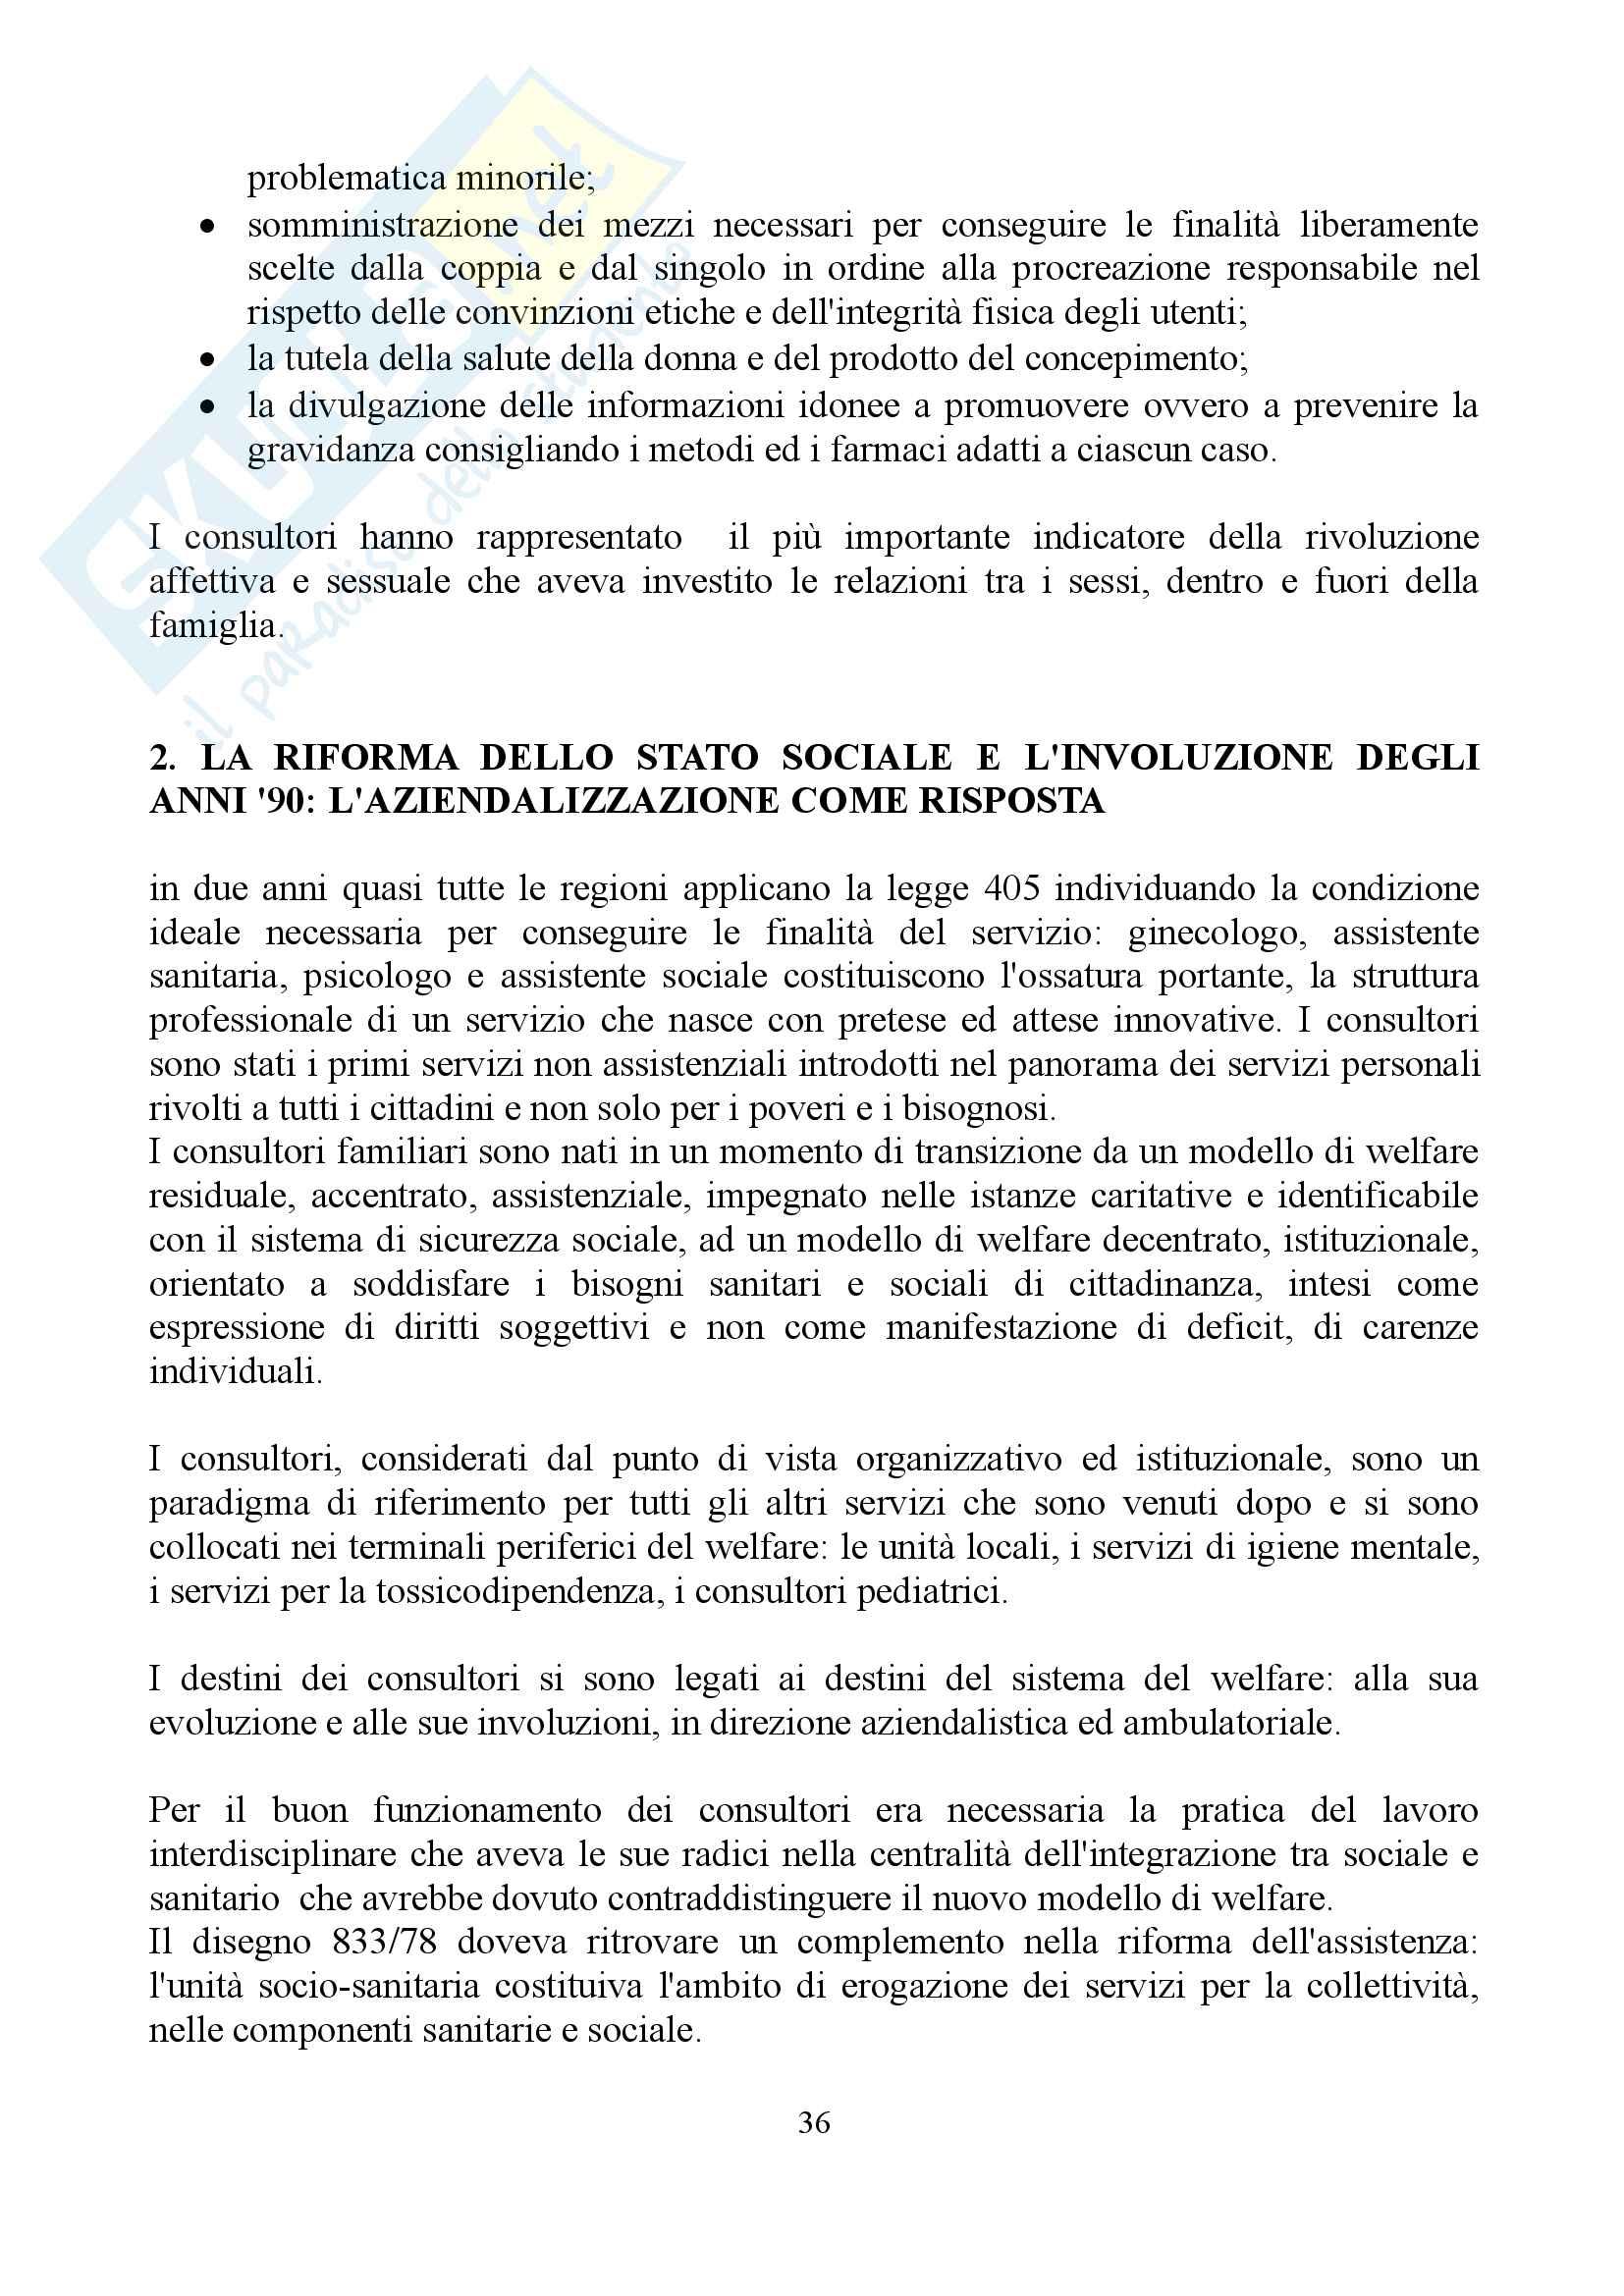 """Sunto di sociologia della famiglia, docente Diego Mesa, libro consigliato """"famiglia sostantivo plurale"""", Paola Di Nicola) Pag. 36"""